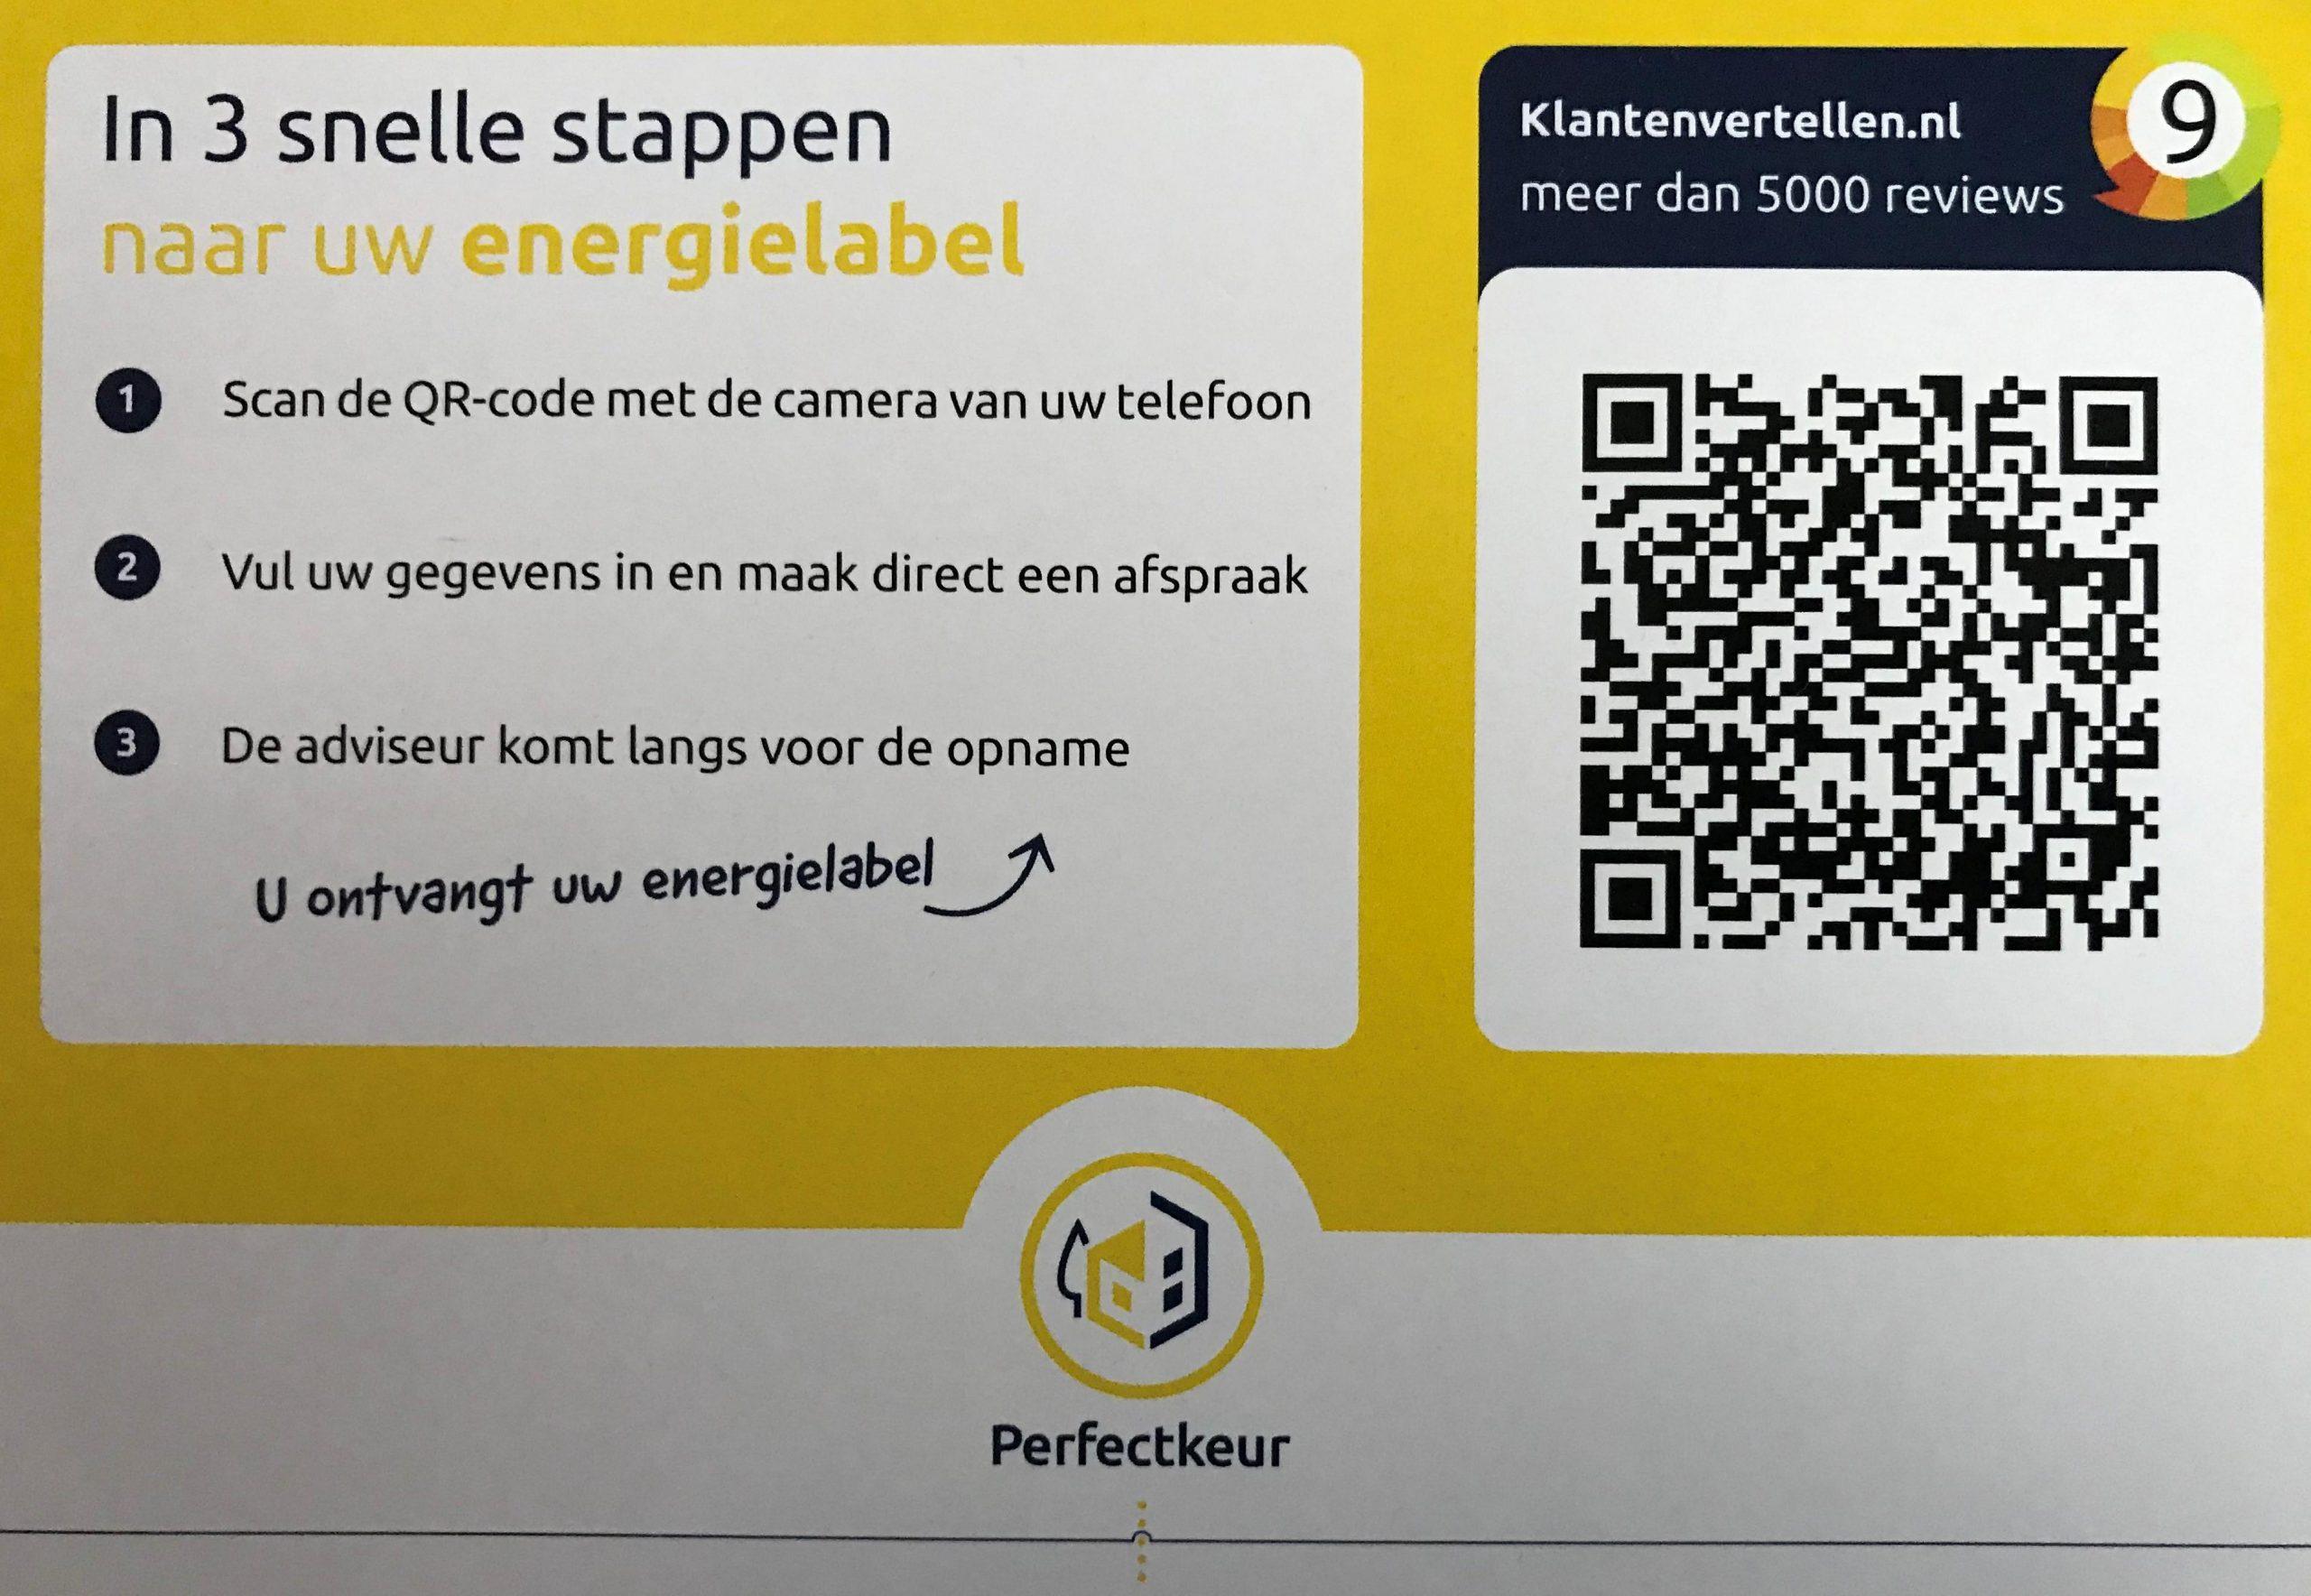 Energeilabel aanvragen scan de code